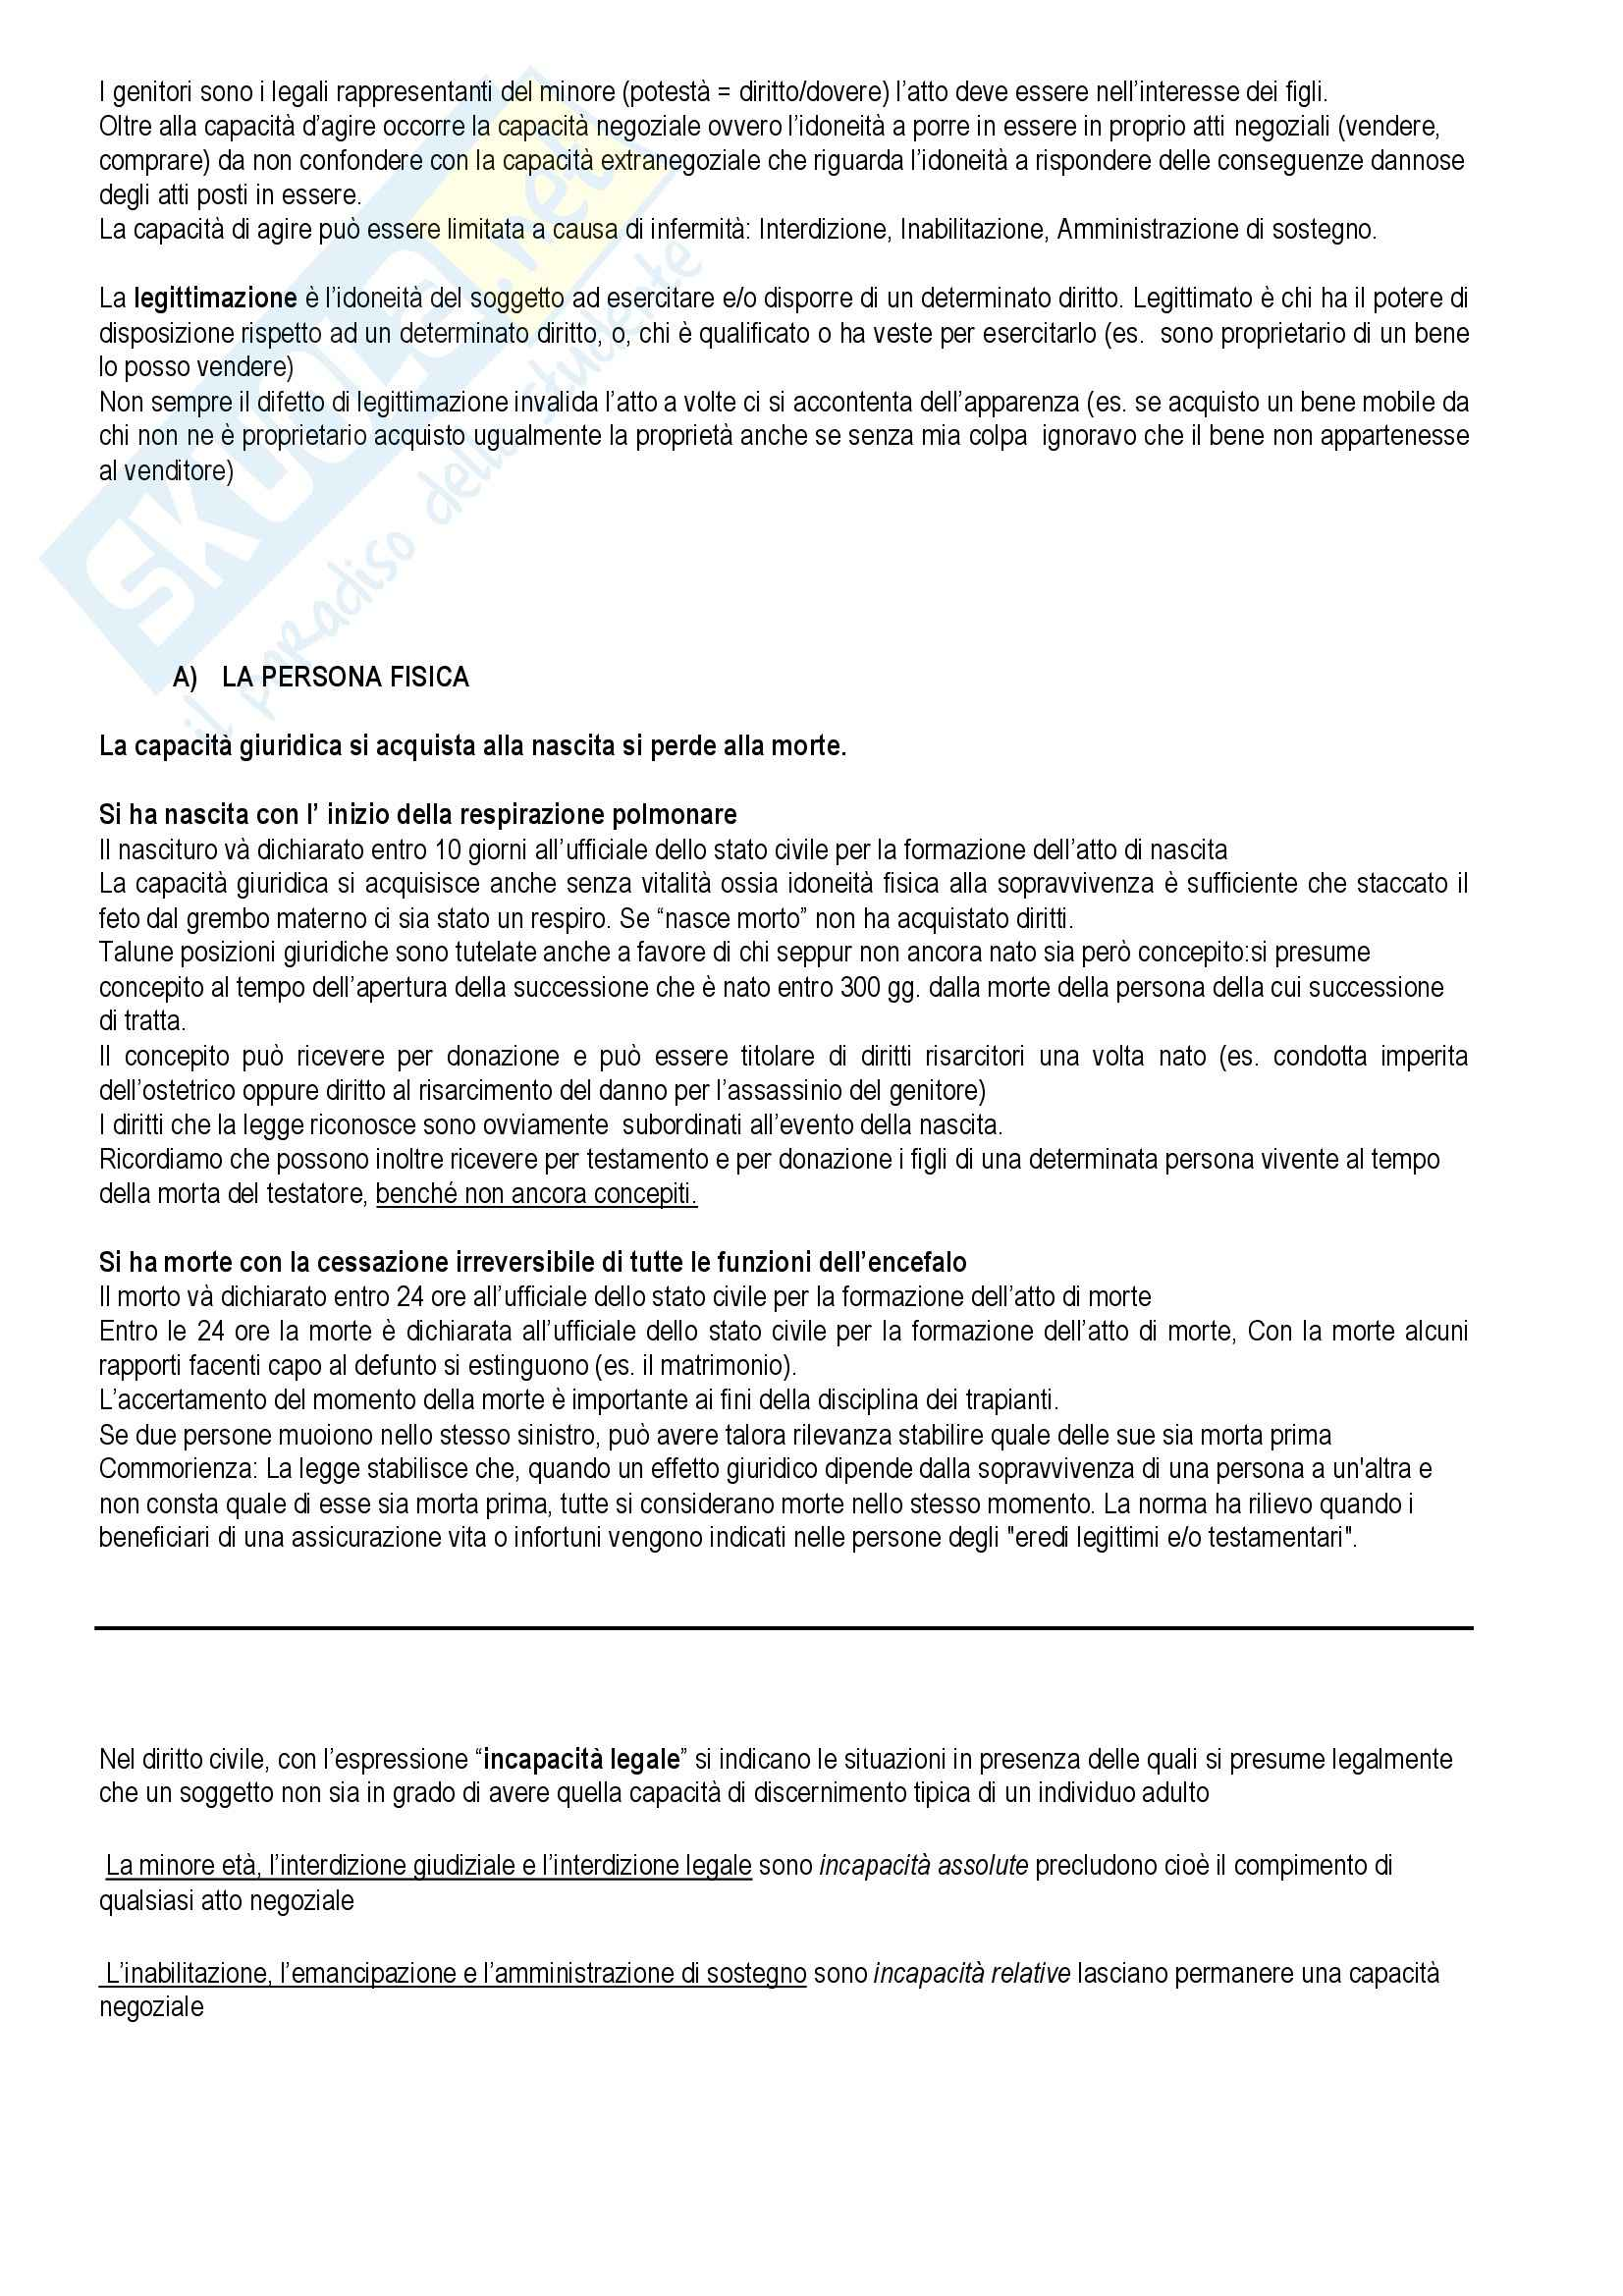 Diritto privato - Torrente e Schlesinger - Appunti Pag. 16